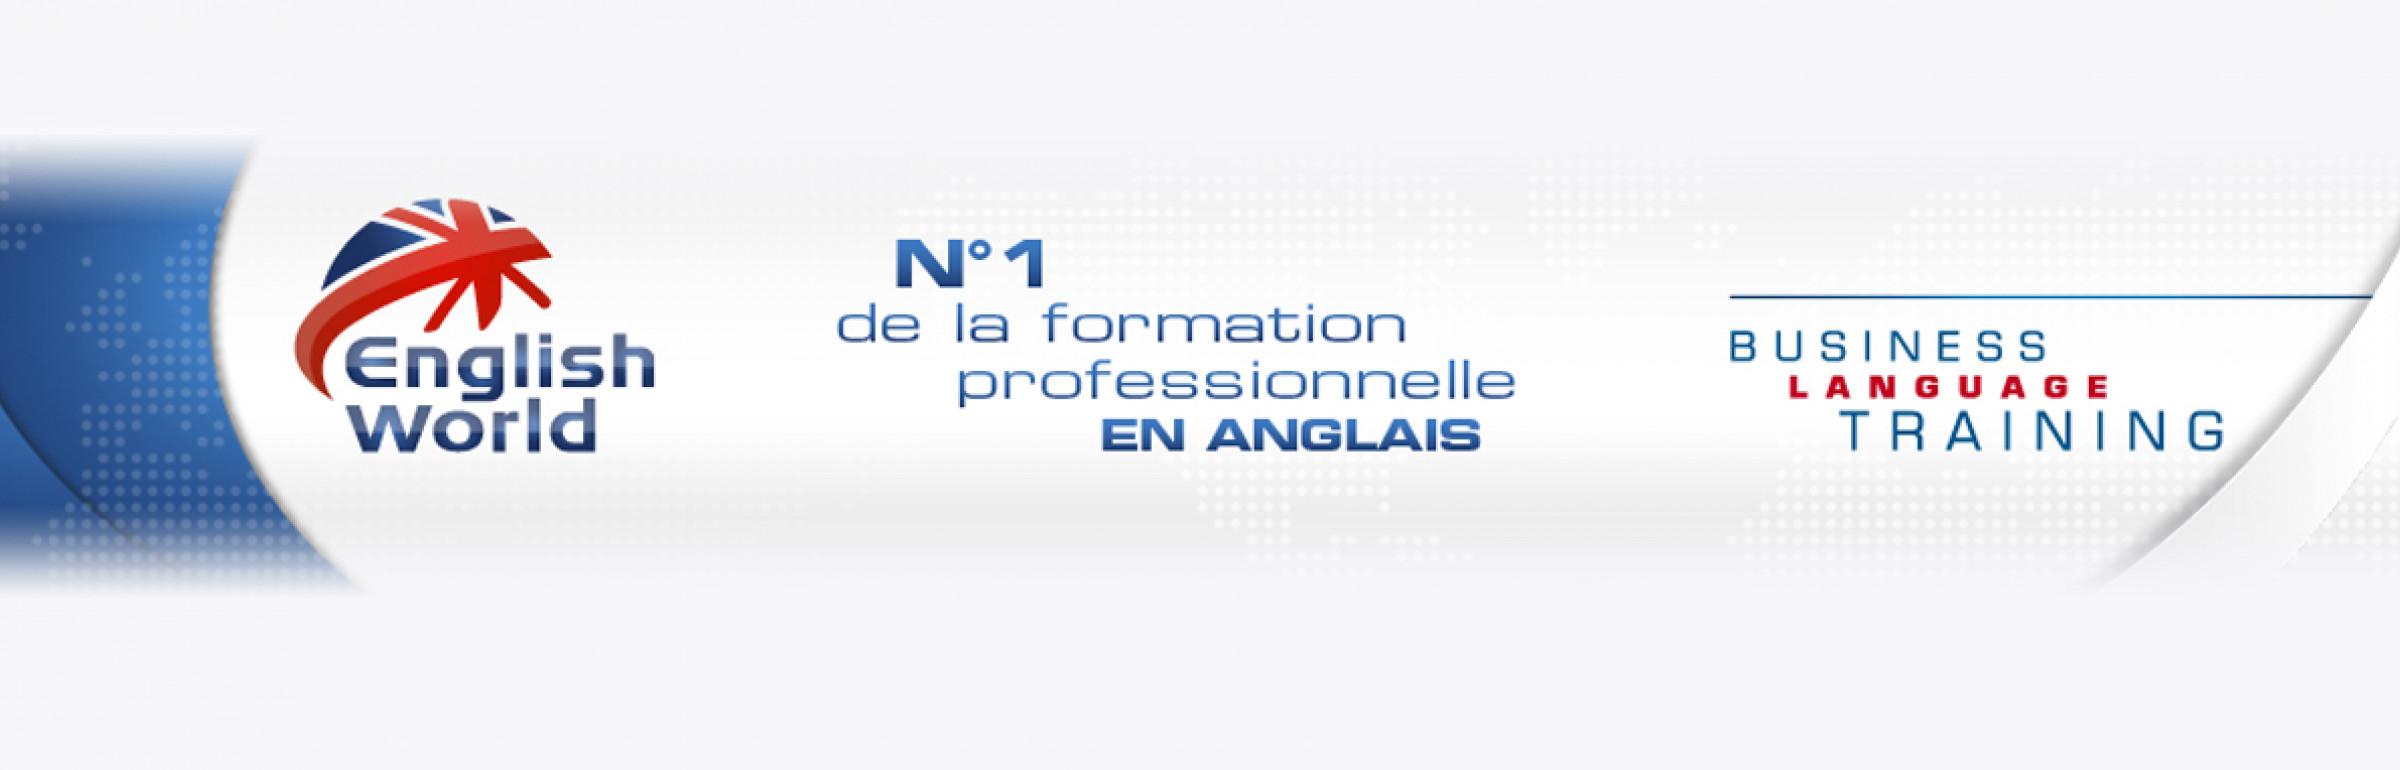 Banner English World Institute